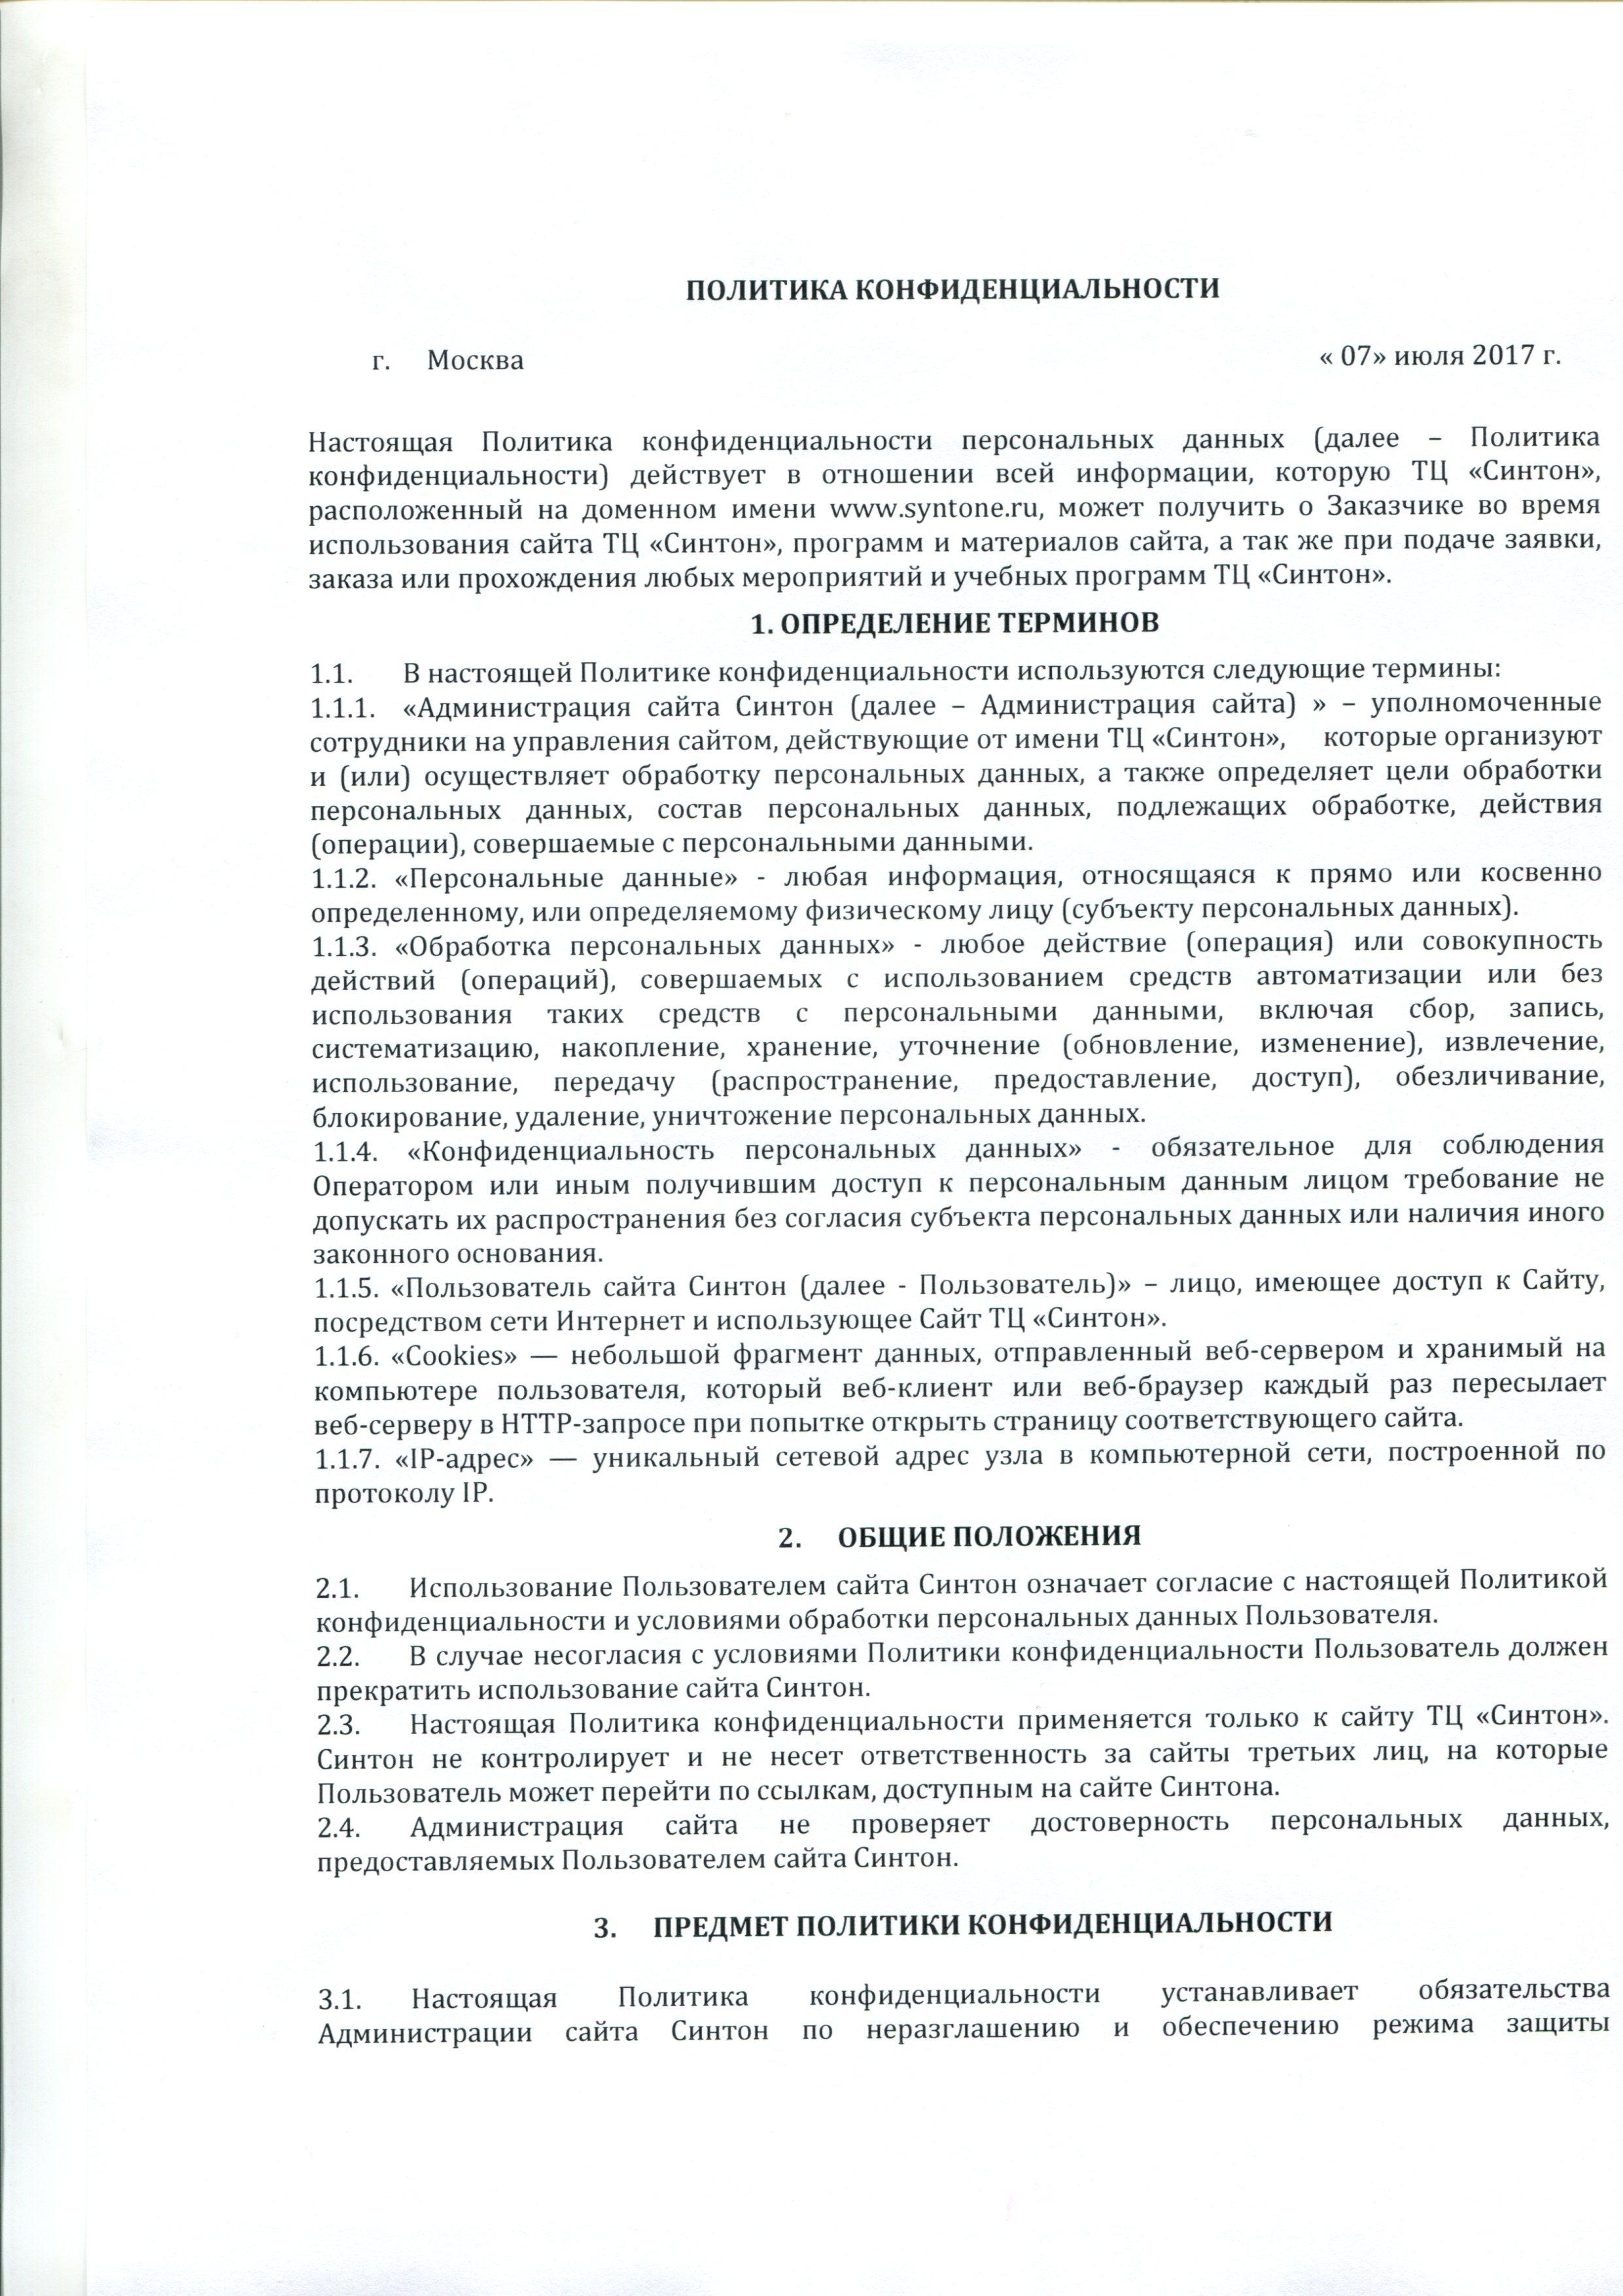 Конфиденциальность НИК (1)